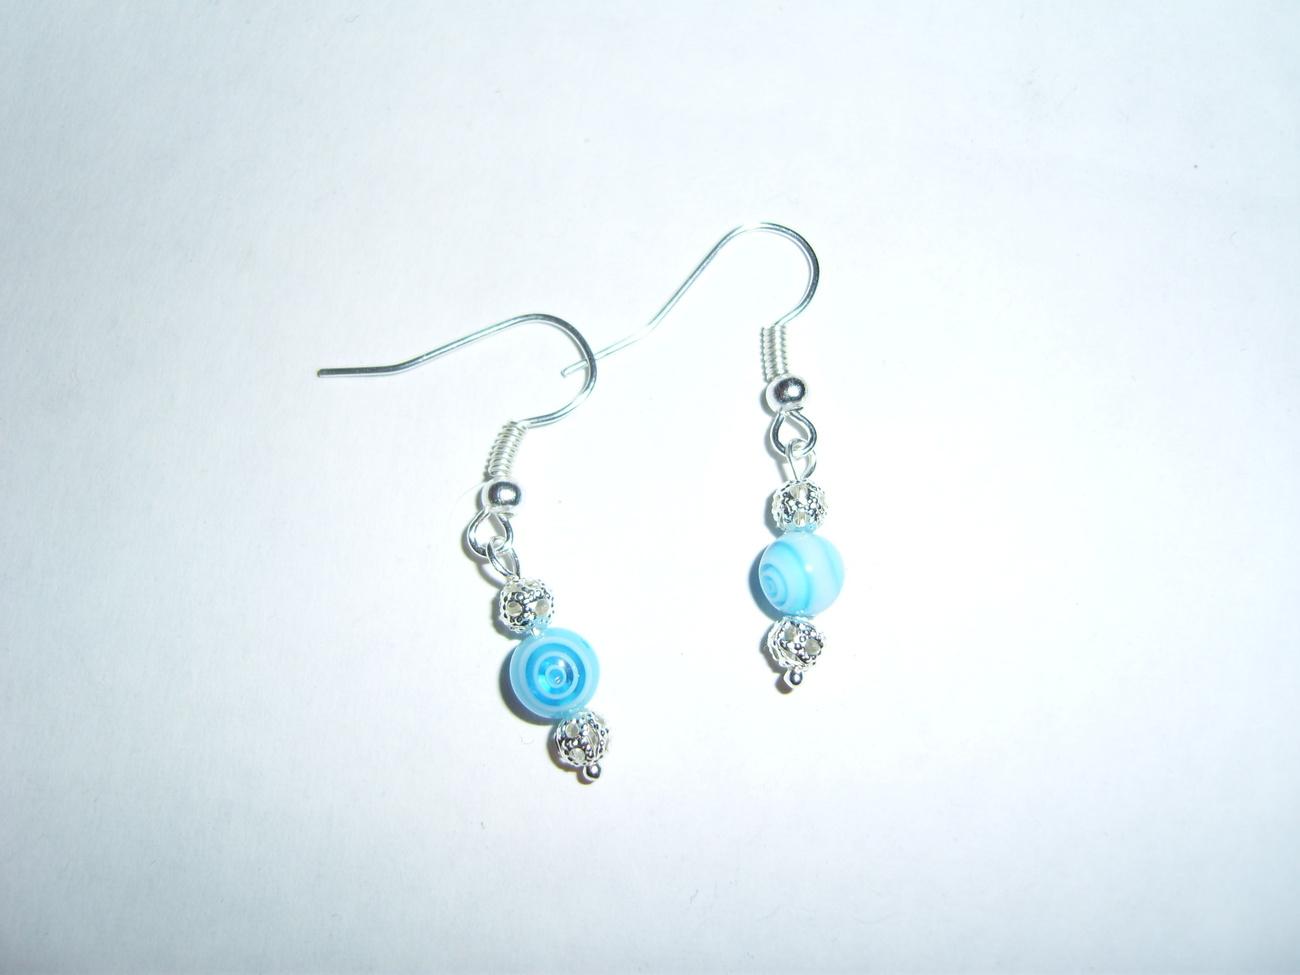 Handmade blue swirl millefiori beaded silver earrings